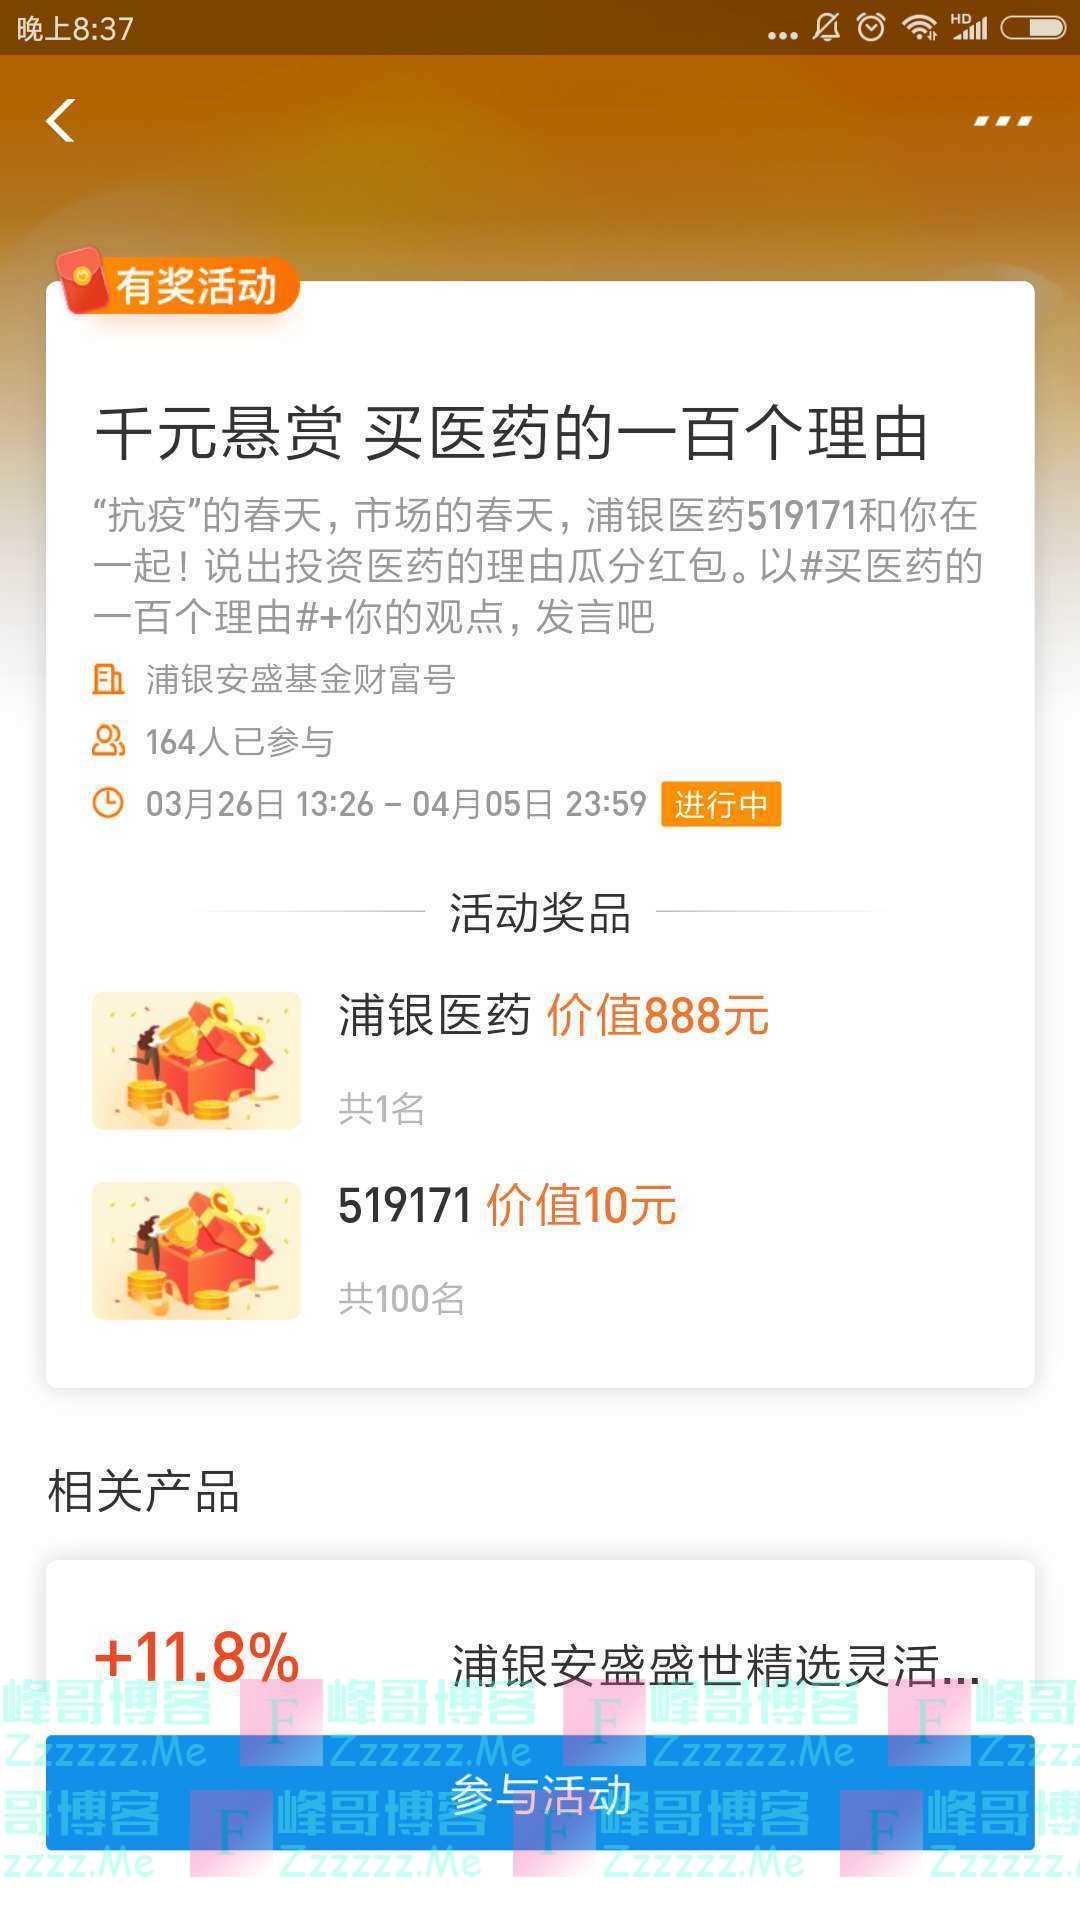 浦银安盛基金千元悬赏 买医药的一百个理由(截止4月526日)